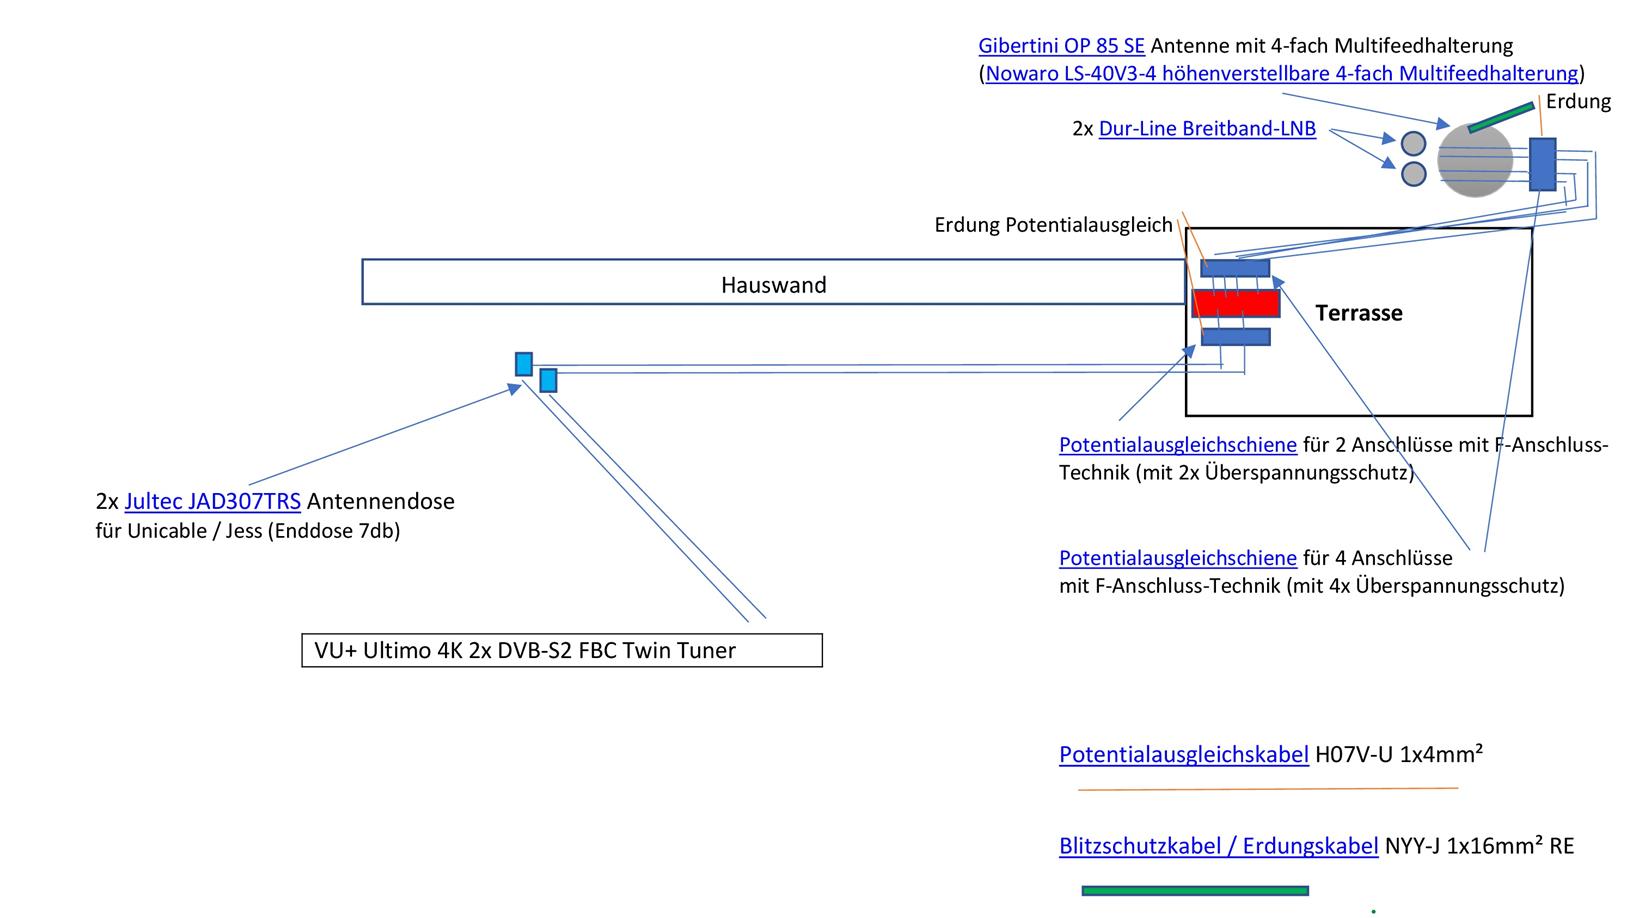 JultecJPS0902-8_a2CSS-2-Satelliten_Breitband-LNB-Planung-Erdung-Potentialausgleich.PNG